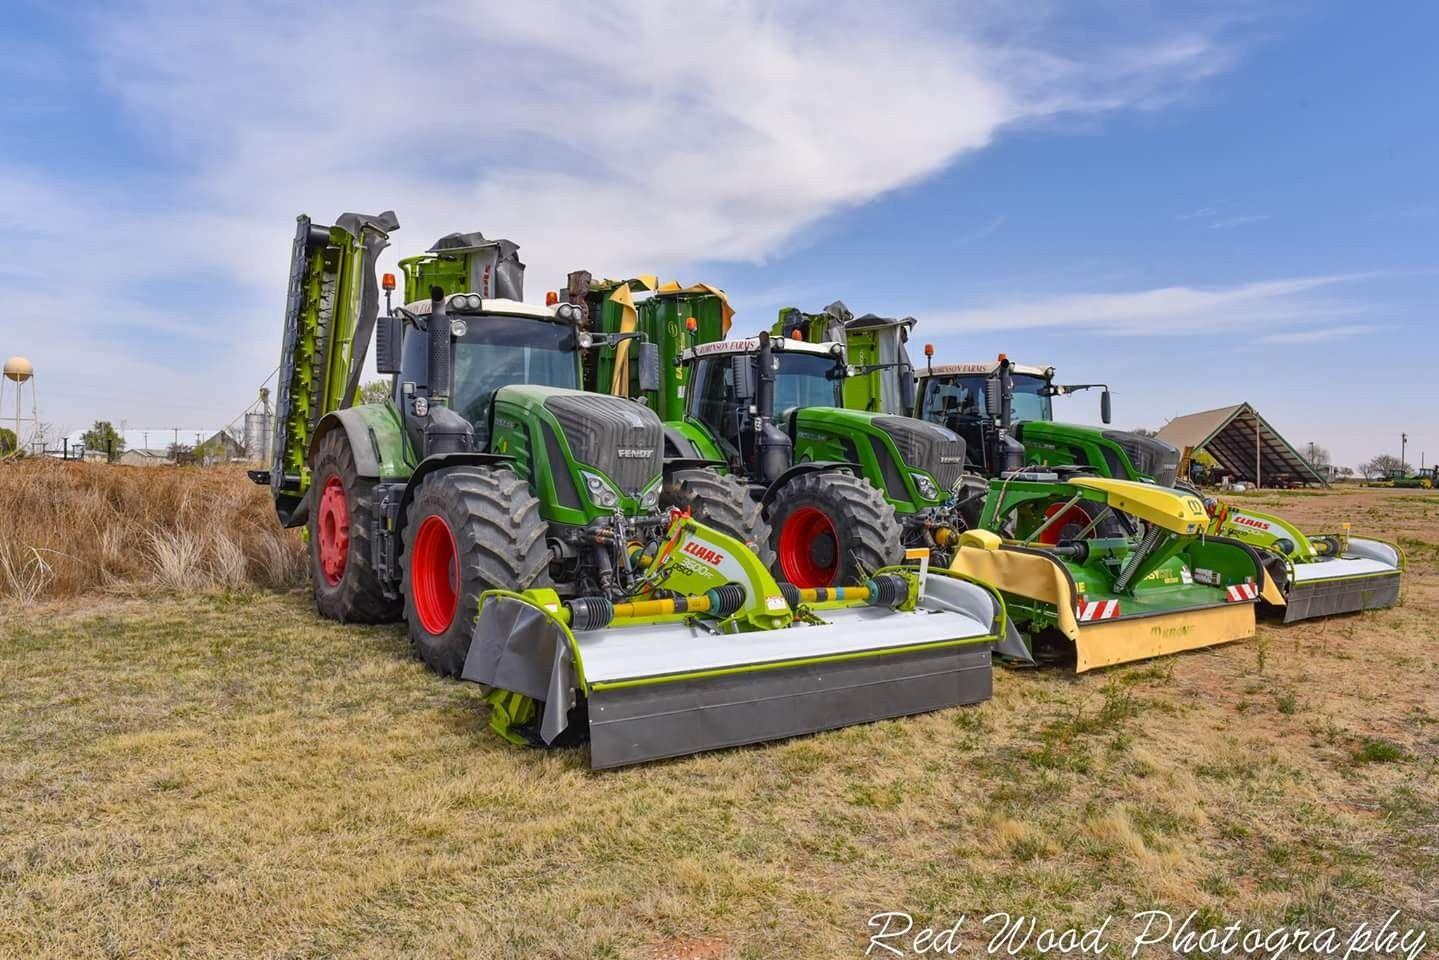 Pin Von Tom Auf Farming Ranching And Tractor S Fendt Traktoren Landmaschinen